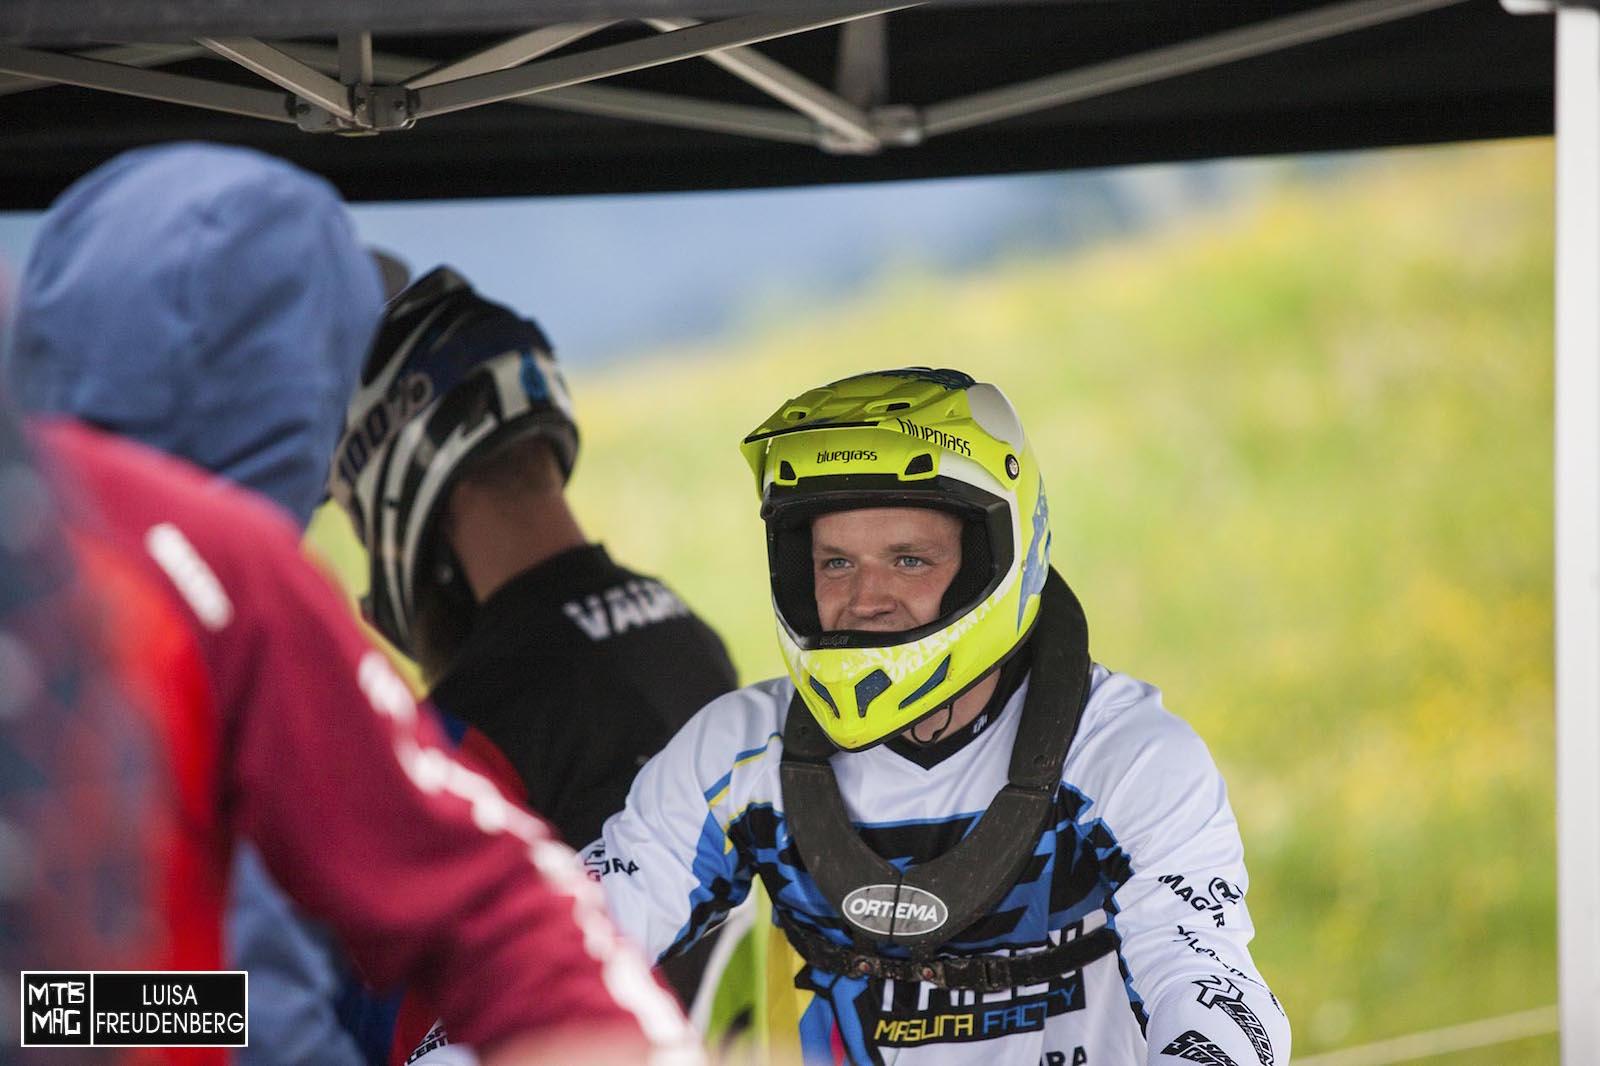 Benny Strasser beendet das Rennen als schnellster Deutscher auf Rang 55